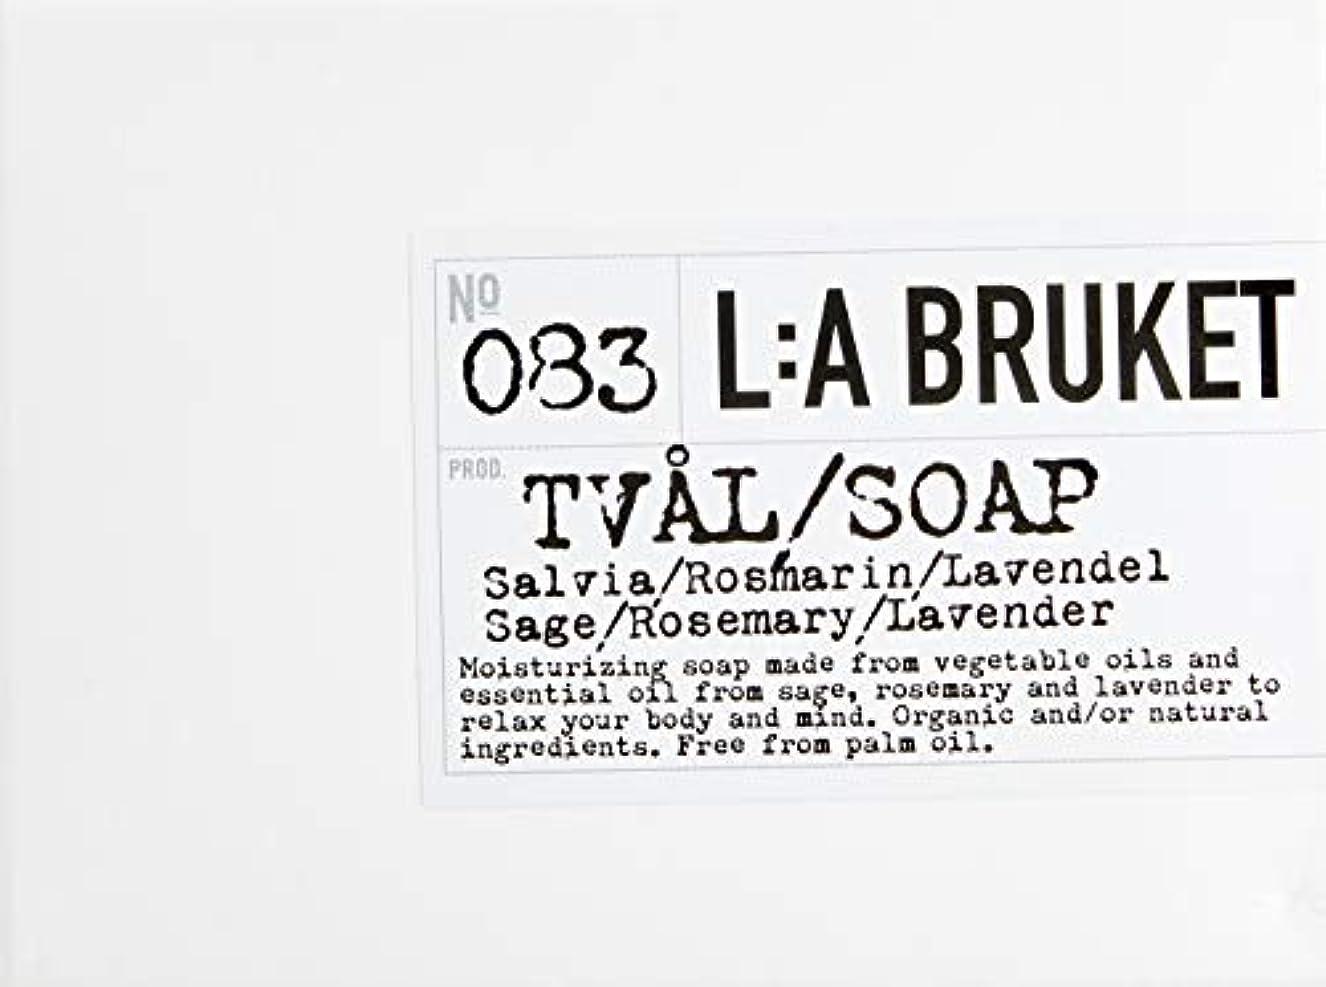 オペレーター勝つ不良品L:a Bruket (ラ ブルケット) バーソープ (セージ?ローズマリー?ラベンダー) 120g